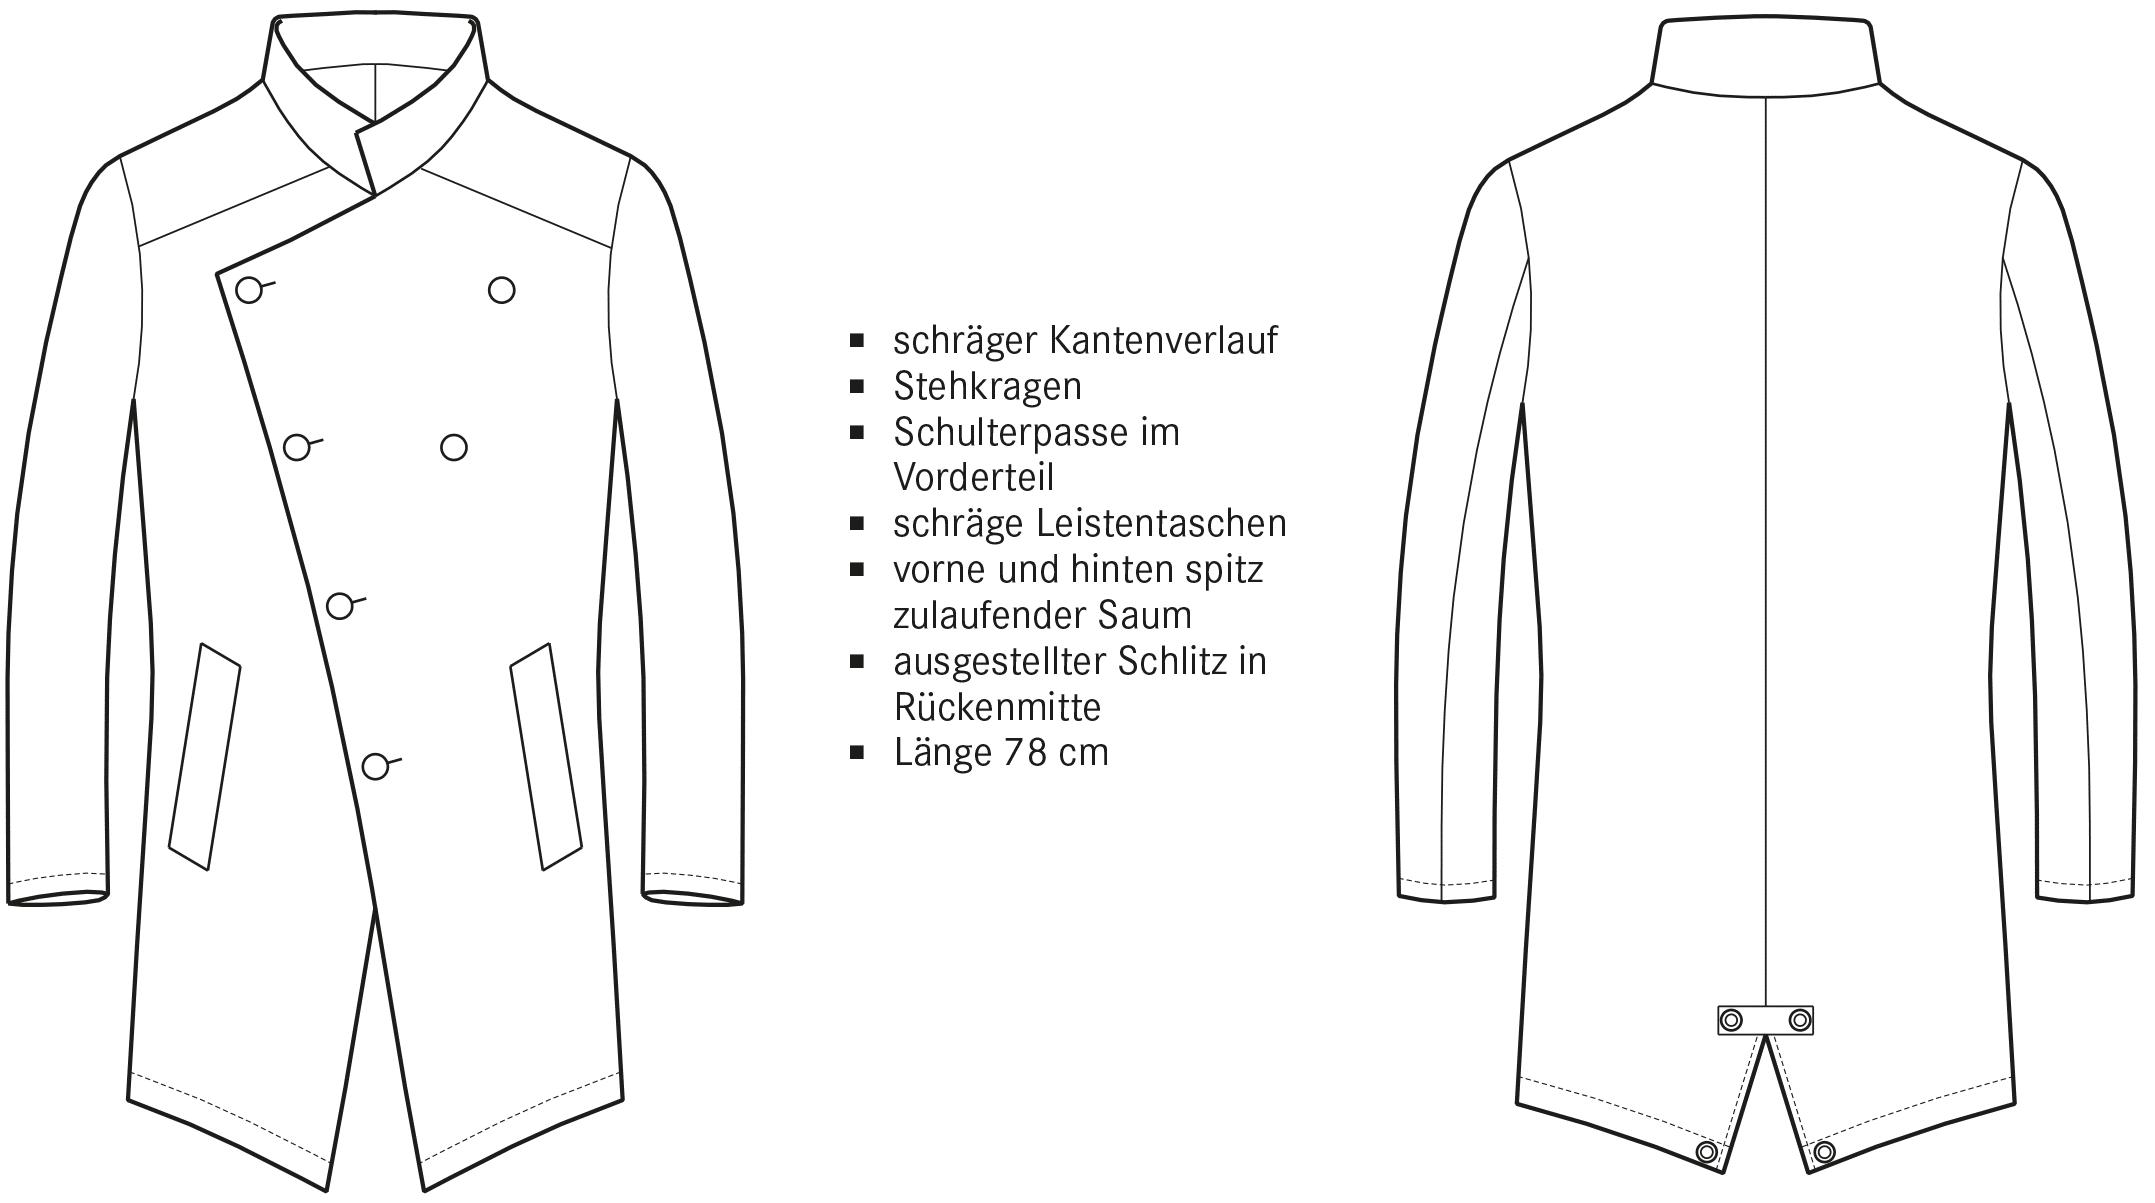 Die technische Zeichnung eines Asymmetrischen Mantels ist abgebildet. Die Vorder- und Rückansicht inklusive Beschreibung der Schnitttechnik ist zu sehen.